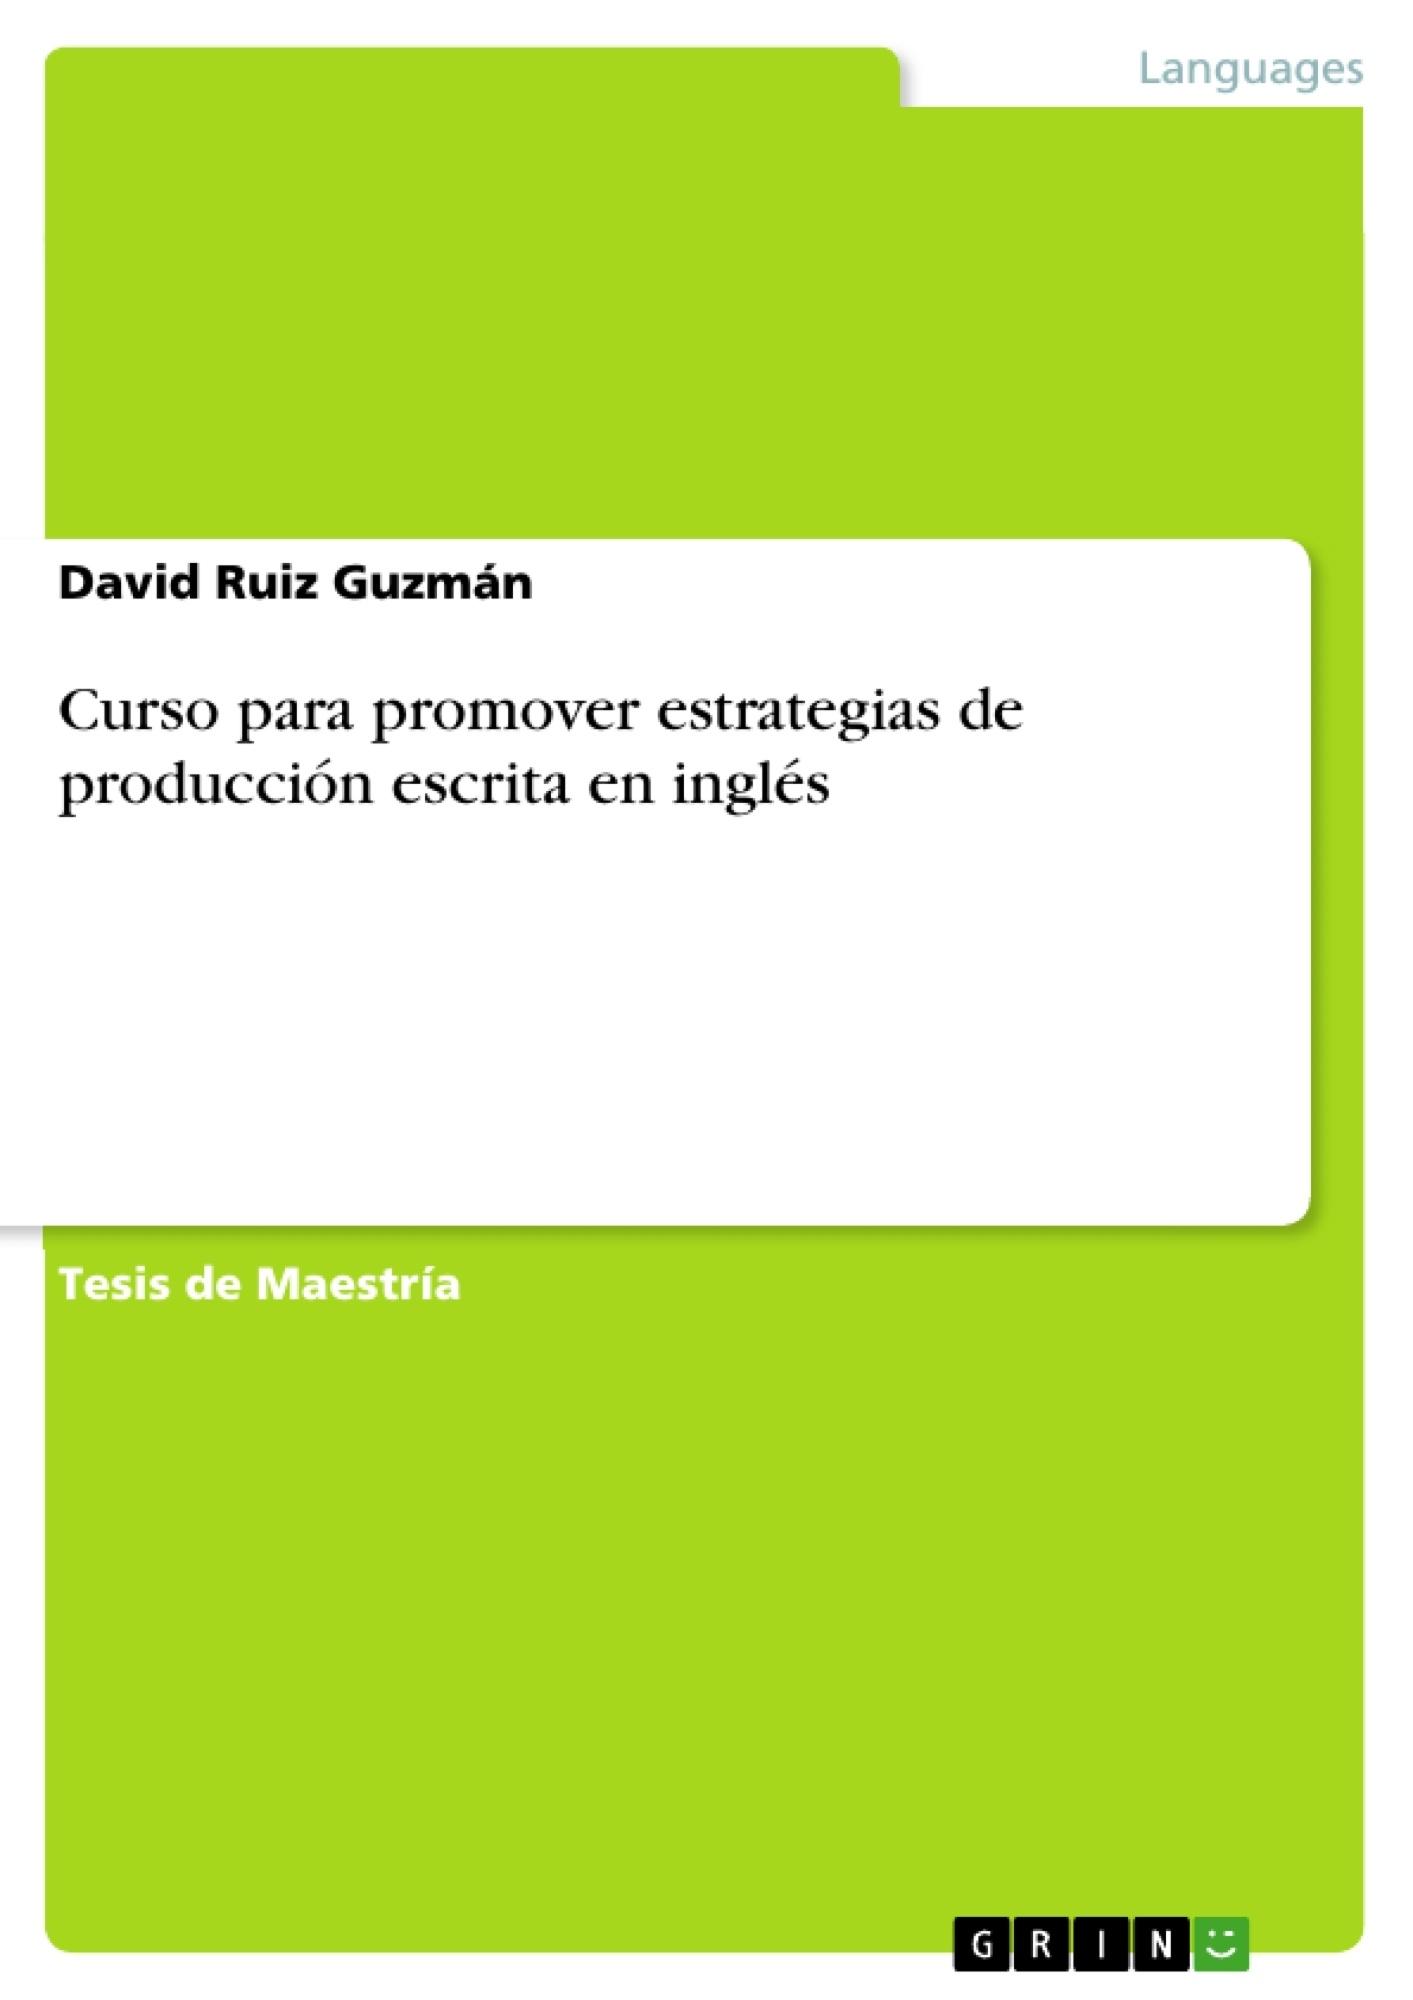 Título: Curso para promover estrategias de producción escrita en inglés